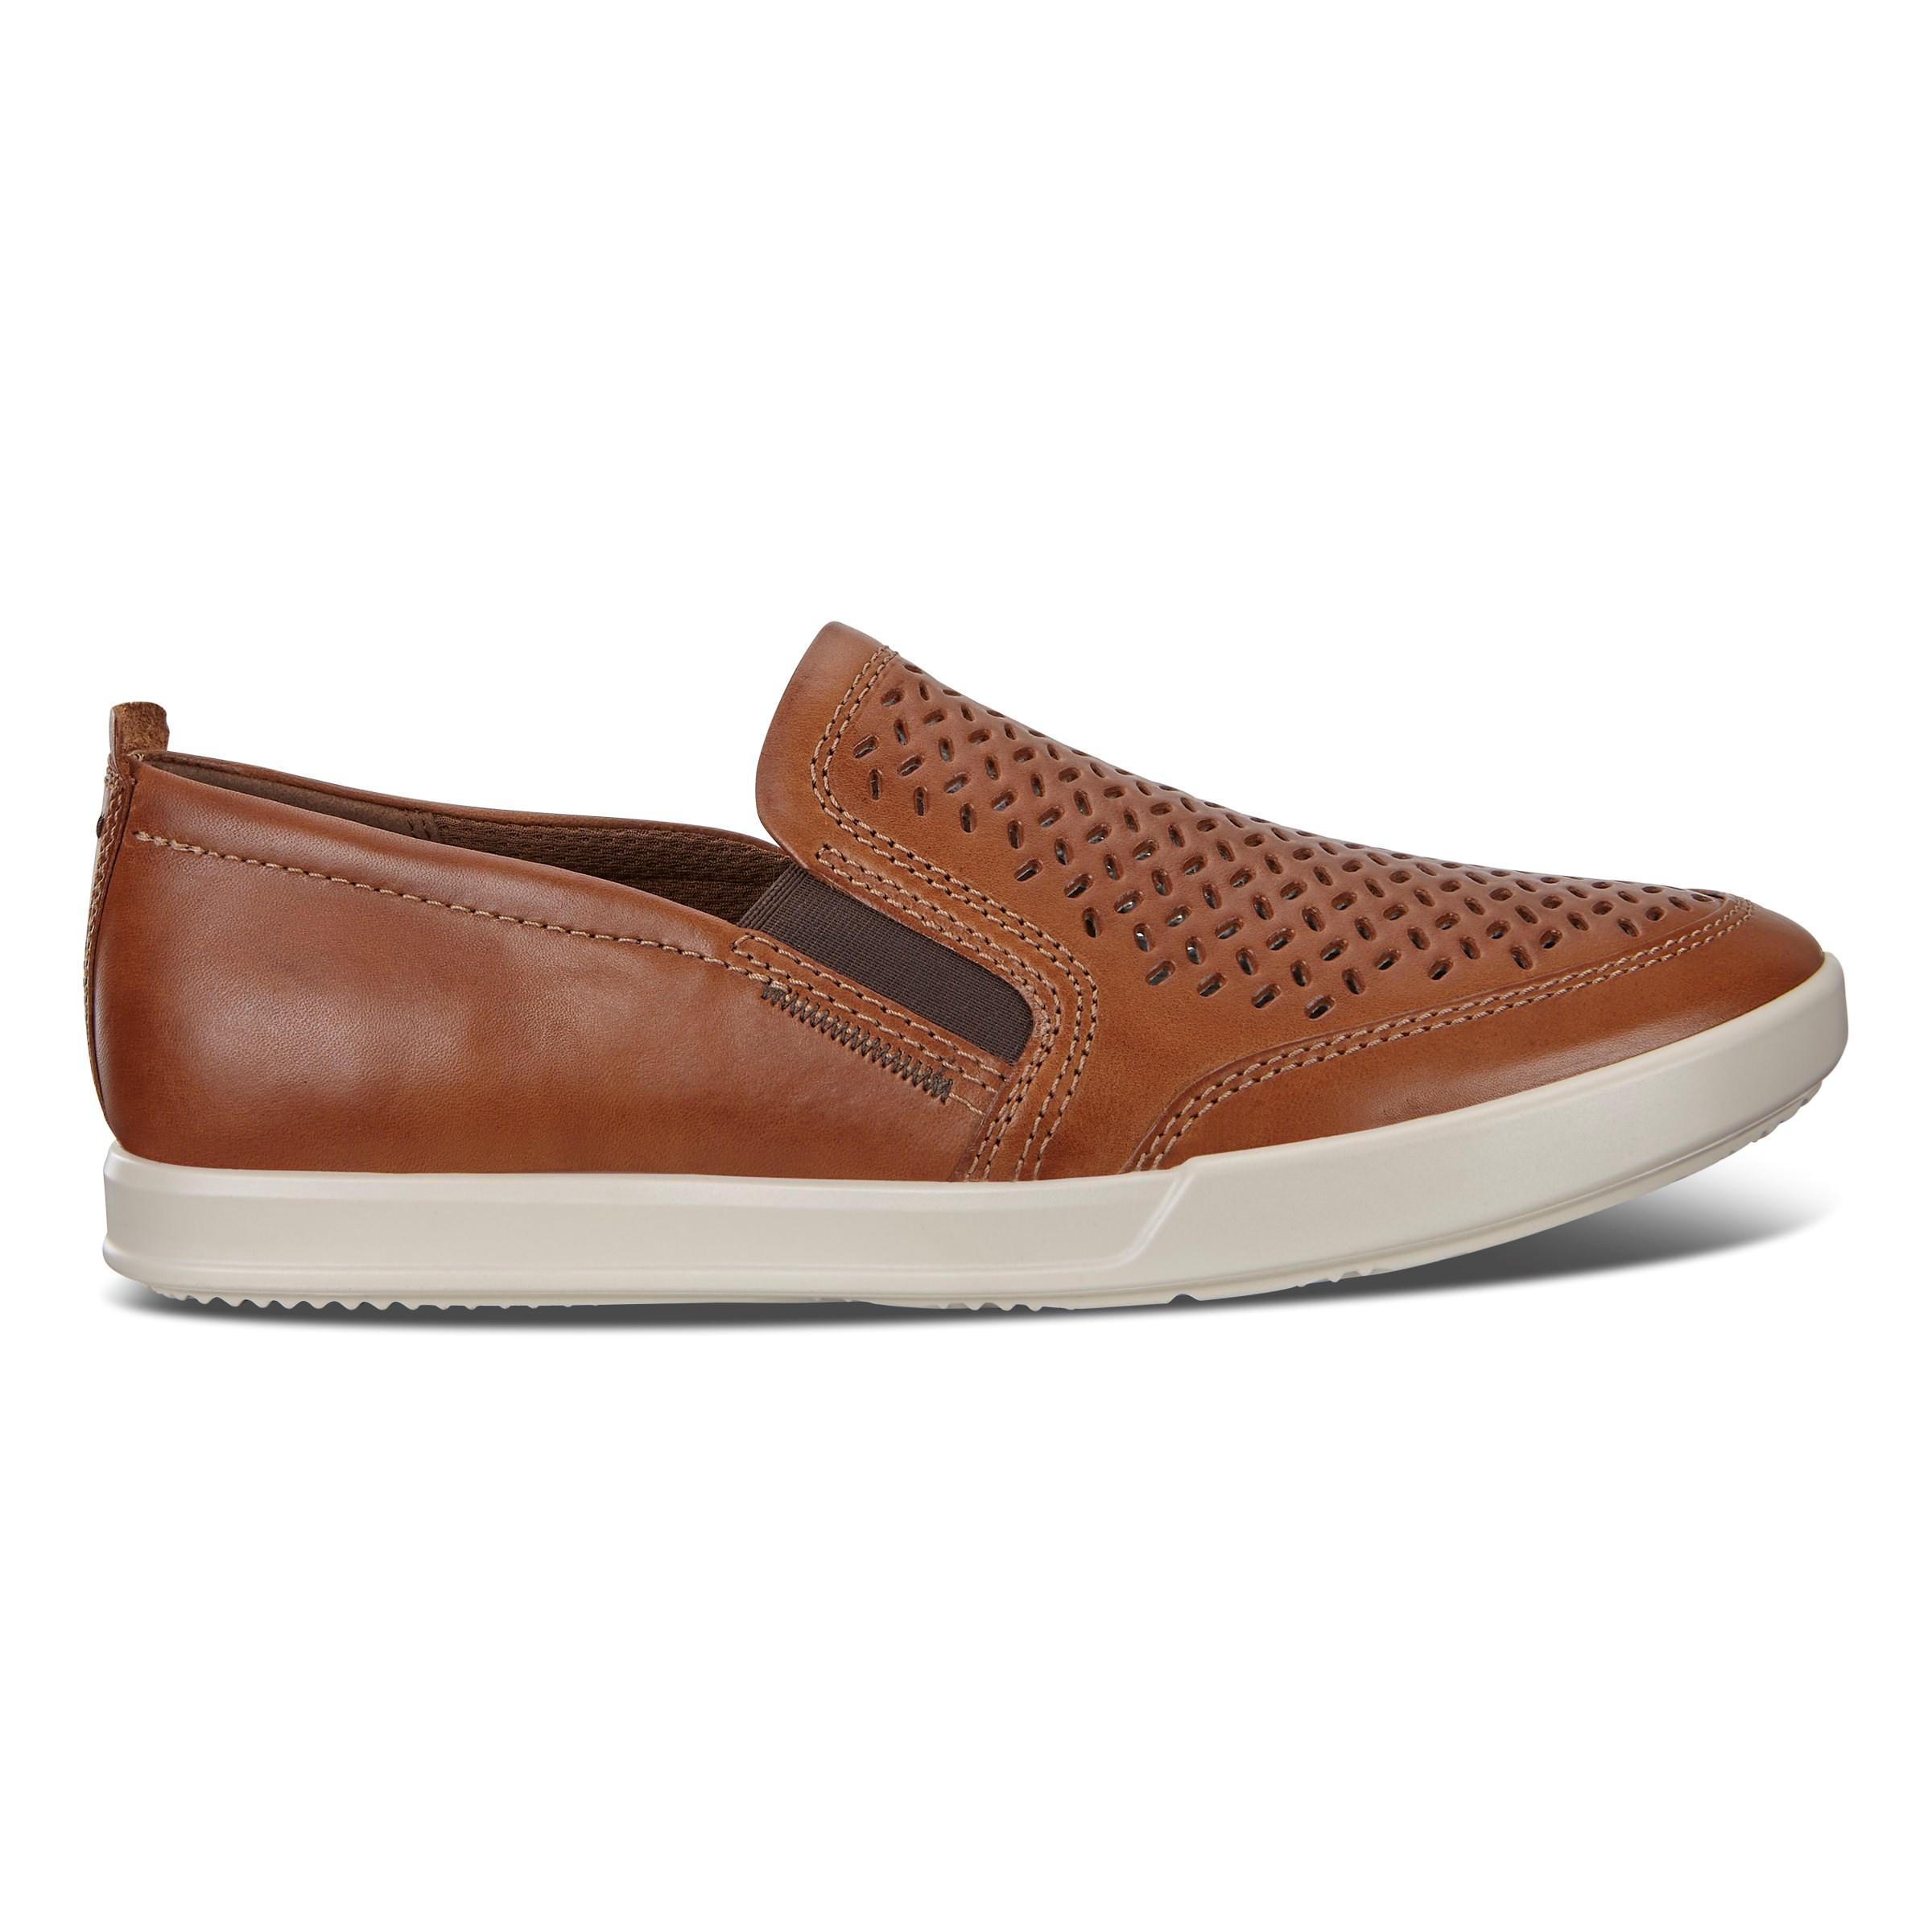 ECCO Herren Collin2.0 Slip On Sneaker: Schuhe & Handtaschen